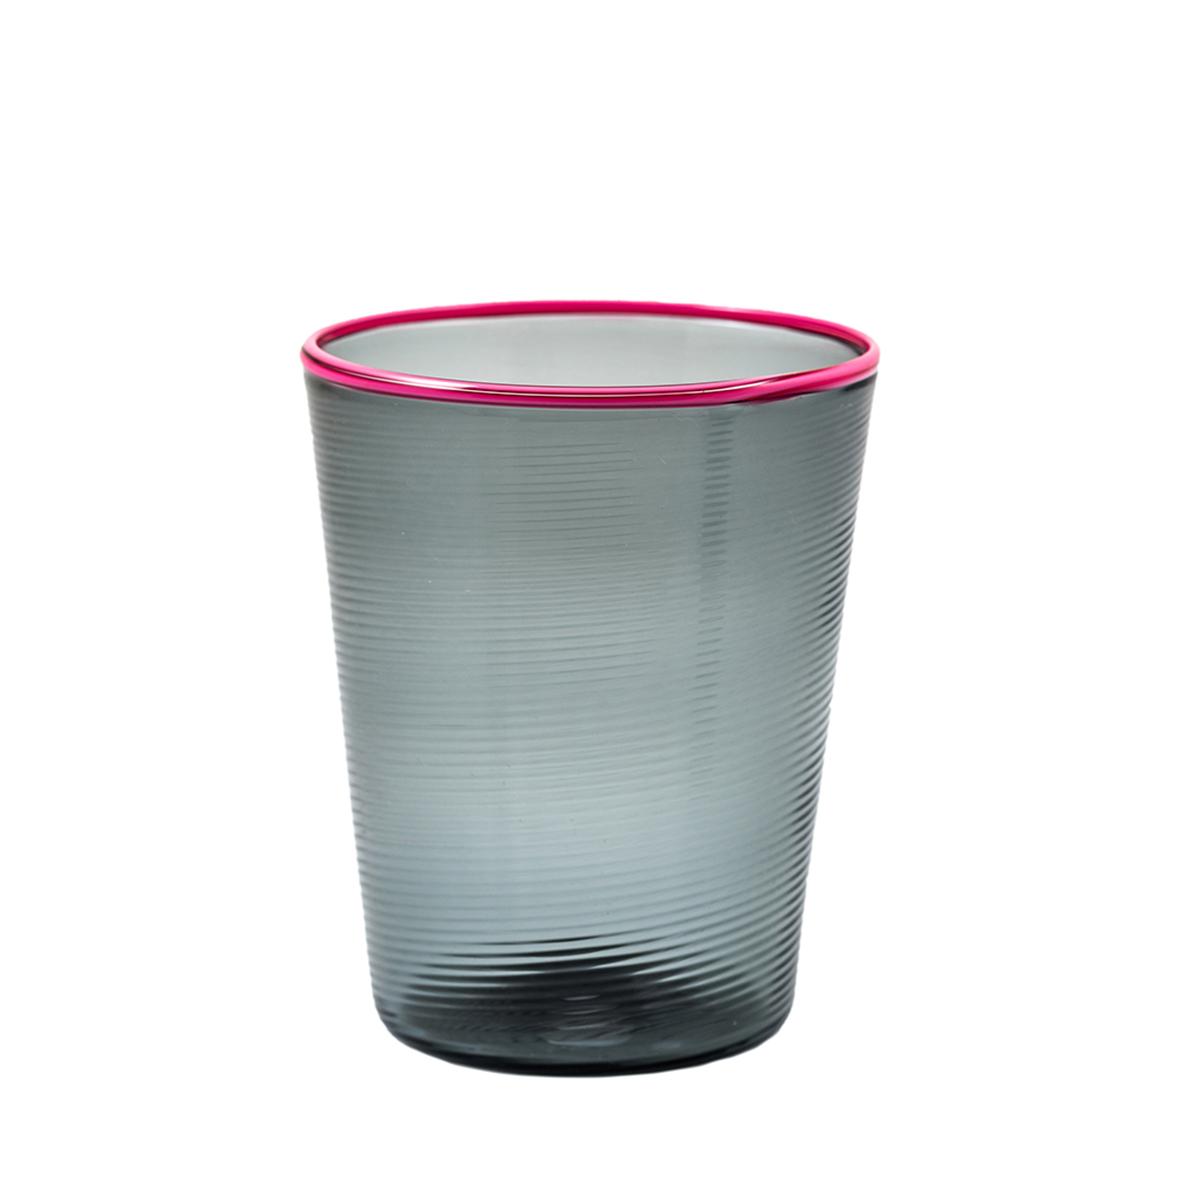 roi_glass_wine_murano_riga_mena_pink_rim_design_venice